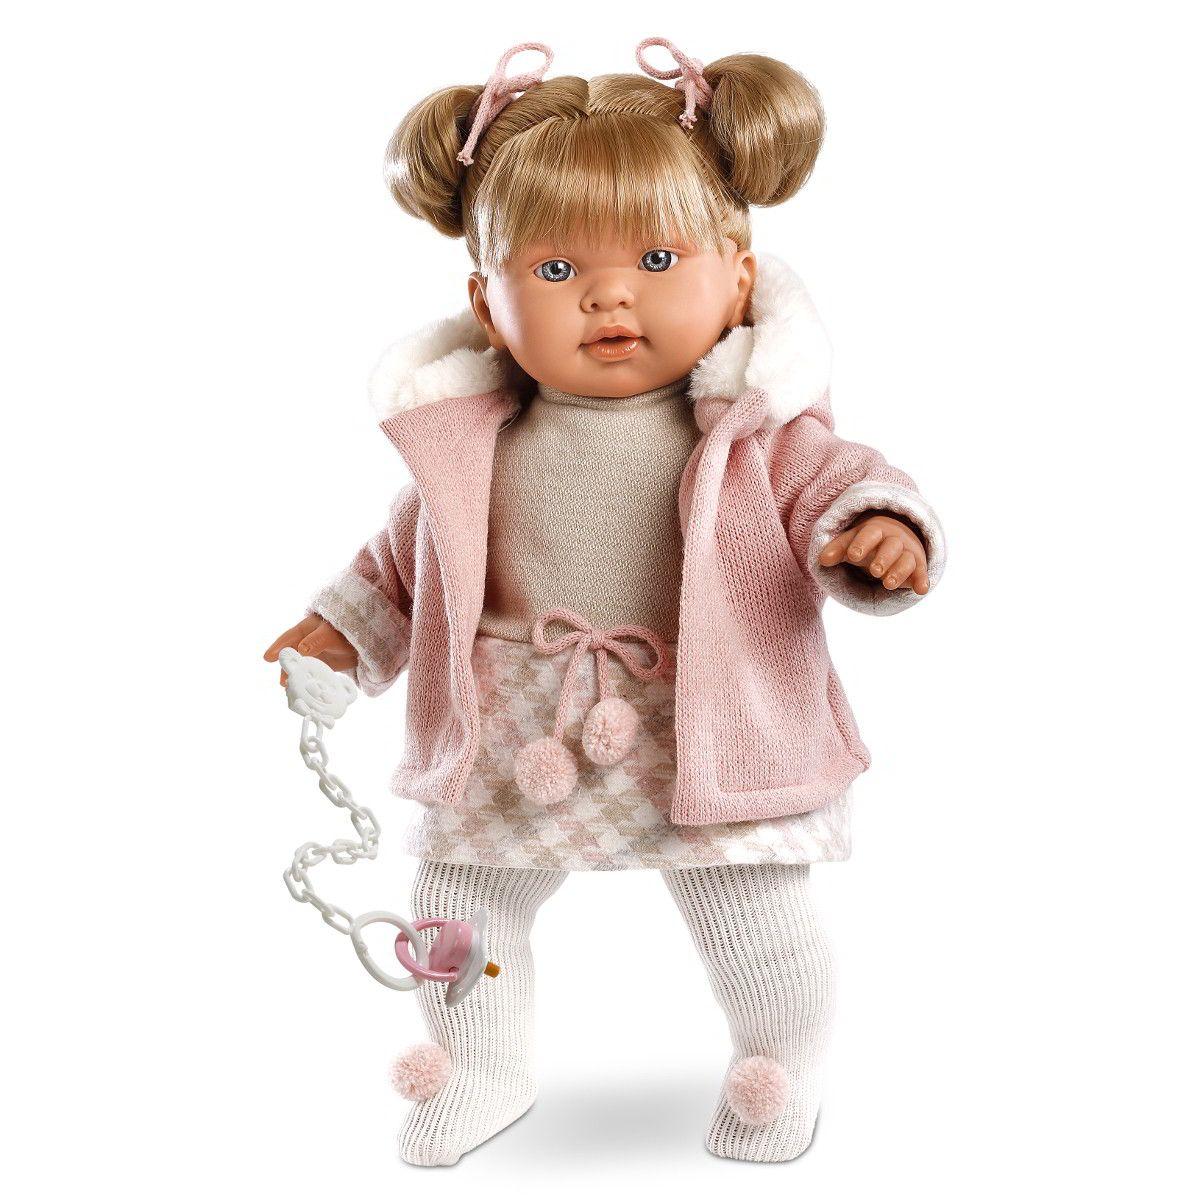 Купить Кукла Джулия, 42 см, Llorens Juan